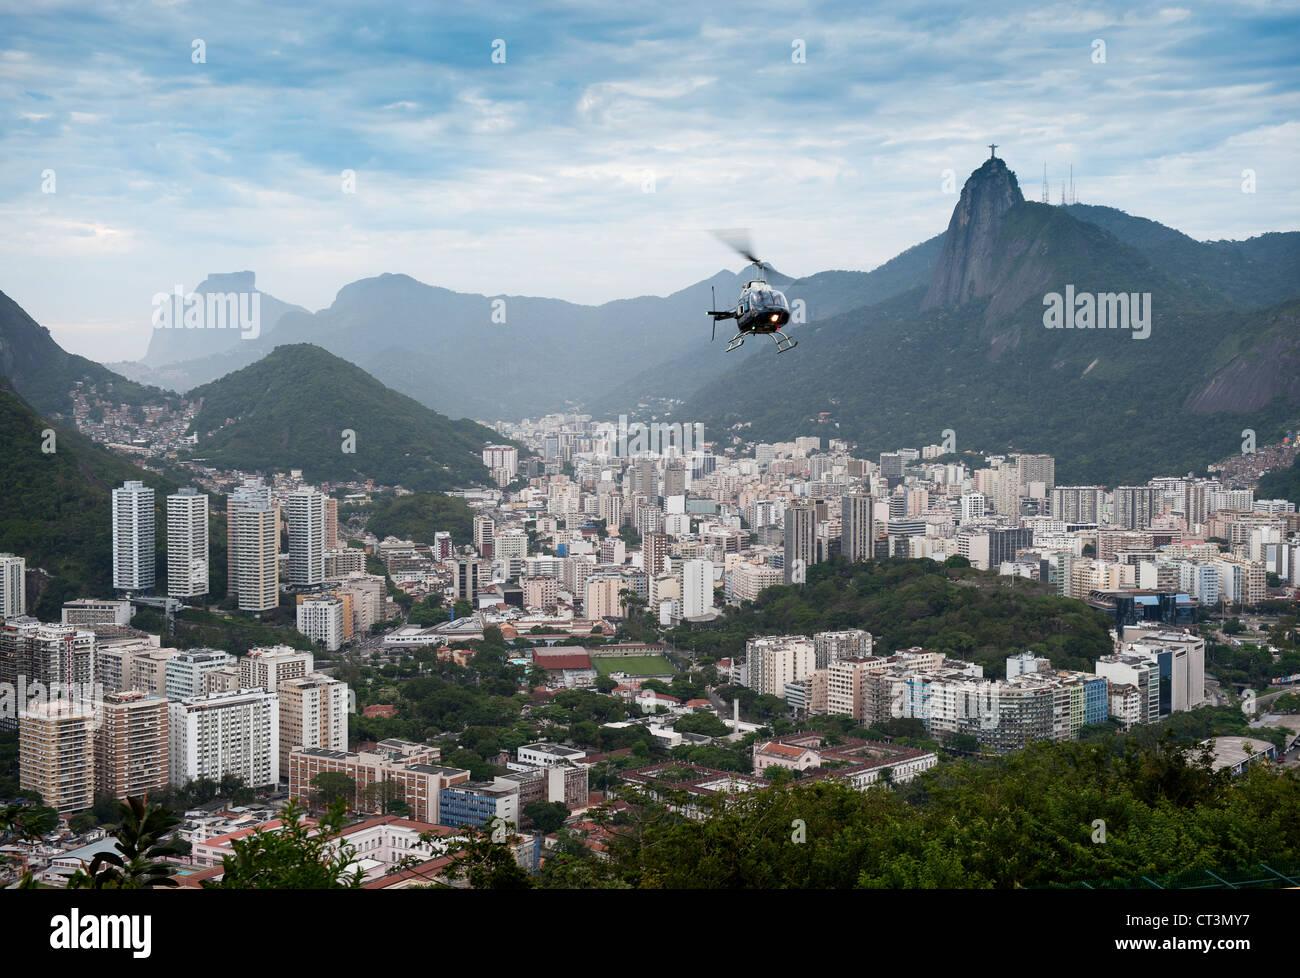 Aerial view of Rio de Janeiro - Stock Image